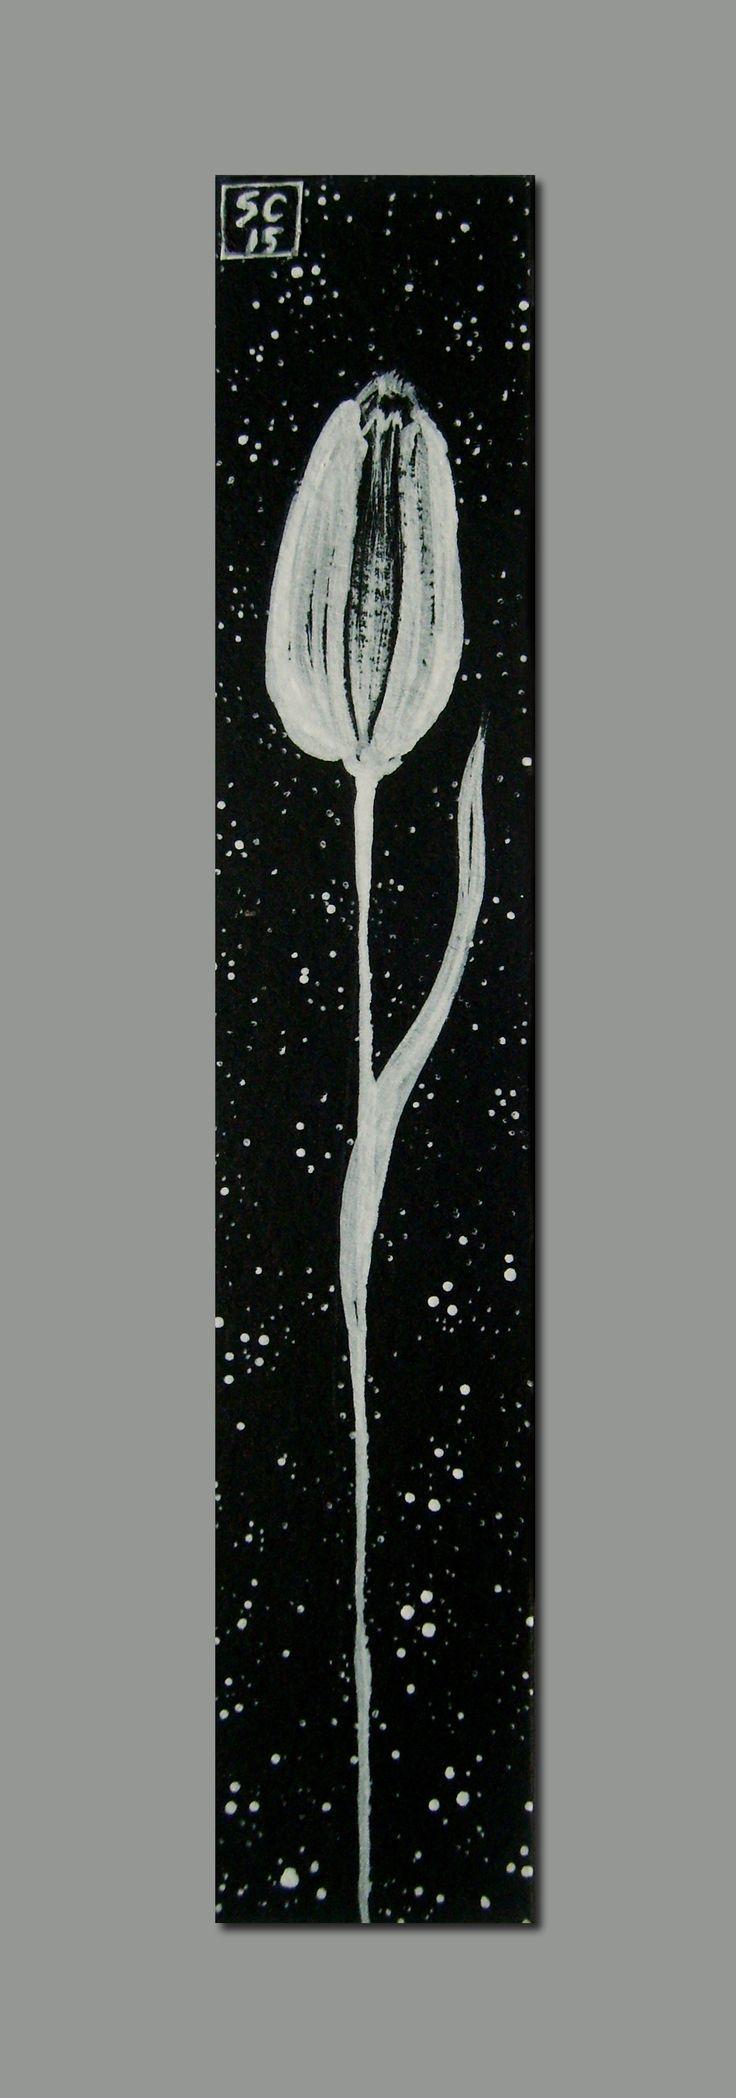 Tulipano Stellato                                      Acrilico su cartoncino nero -  2,5 x 14,5 cm. SC/15